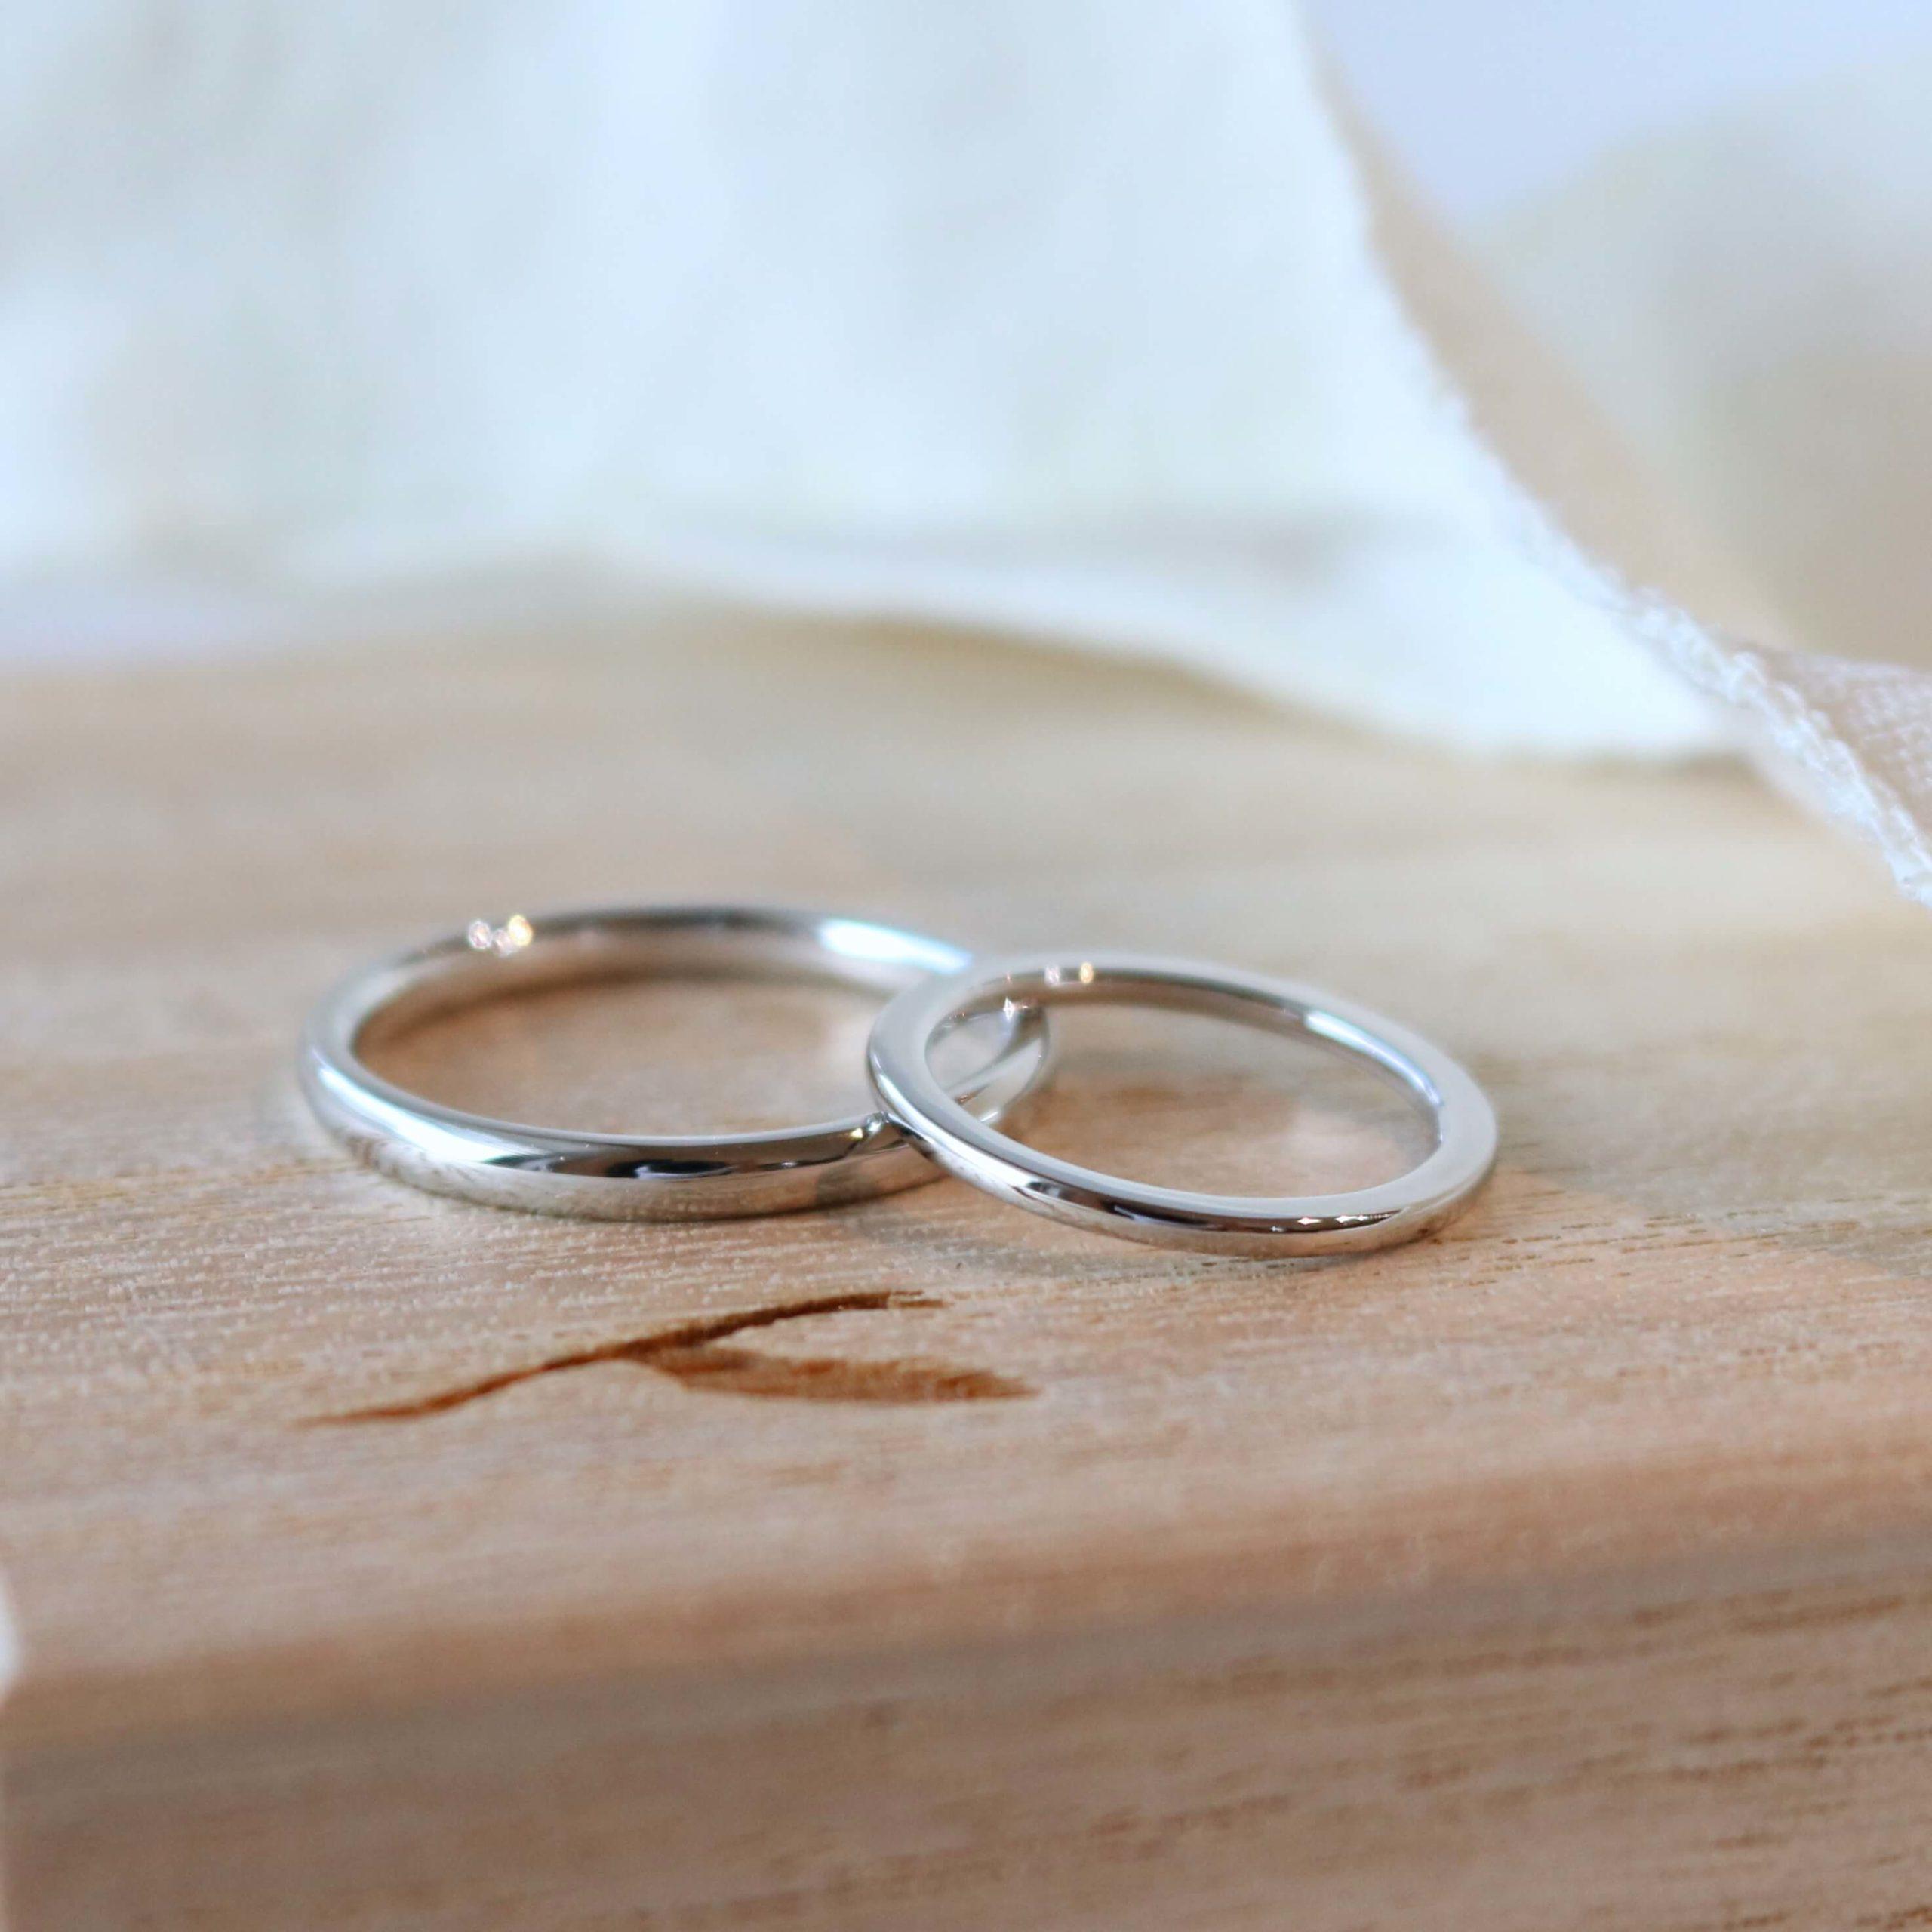 鍛造(たんぞう)でつくる結婚指輪の魅力 価格と制作納期について